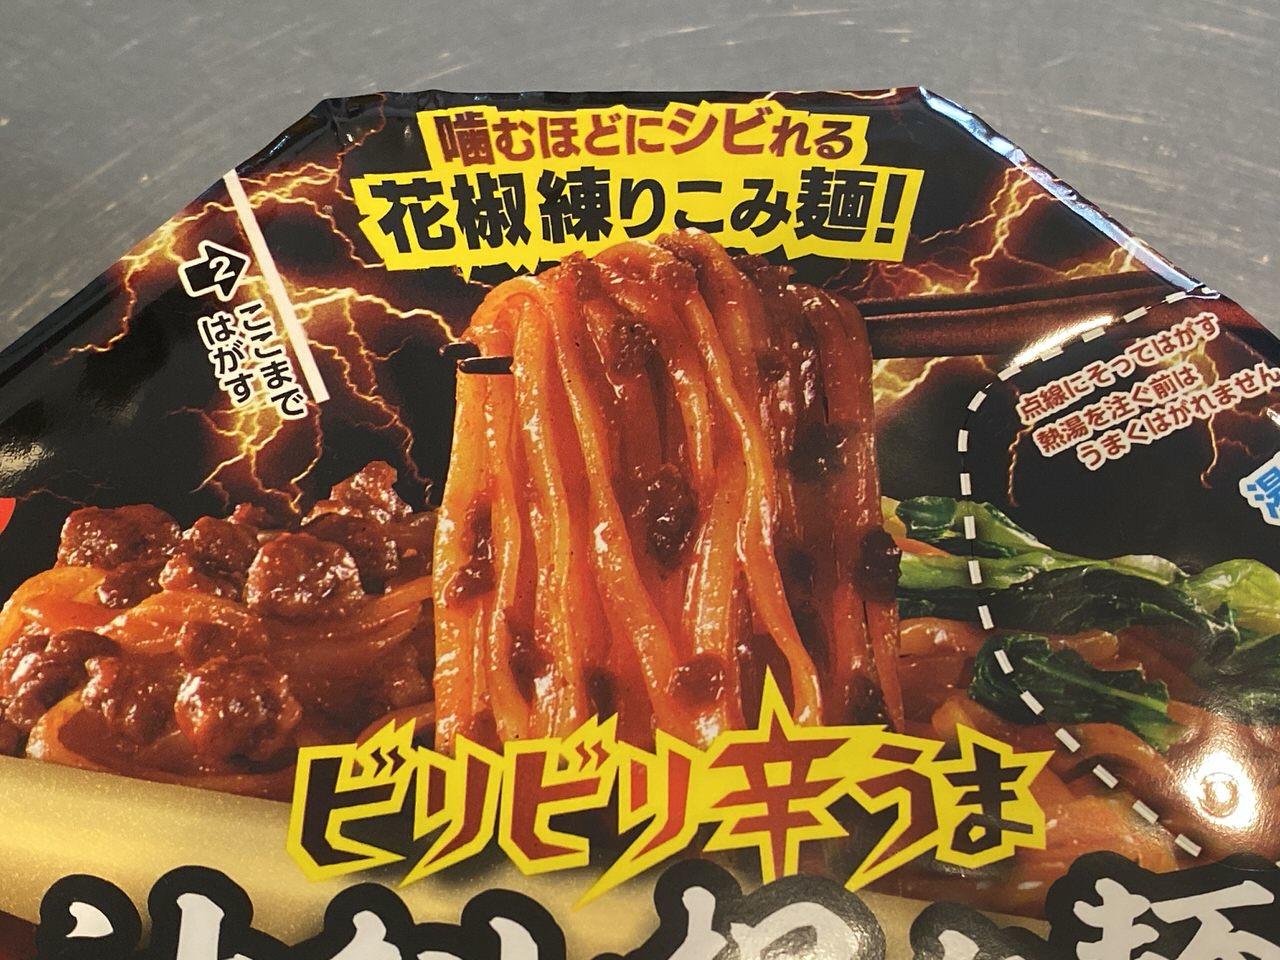 「日清ラ王 ビリビリ辛うま 汁なし担々麺」1